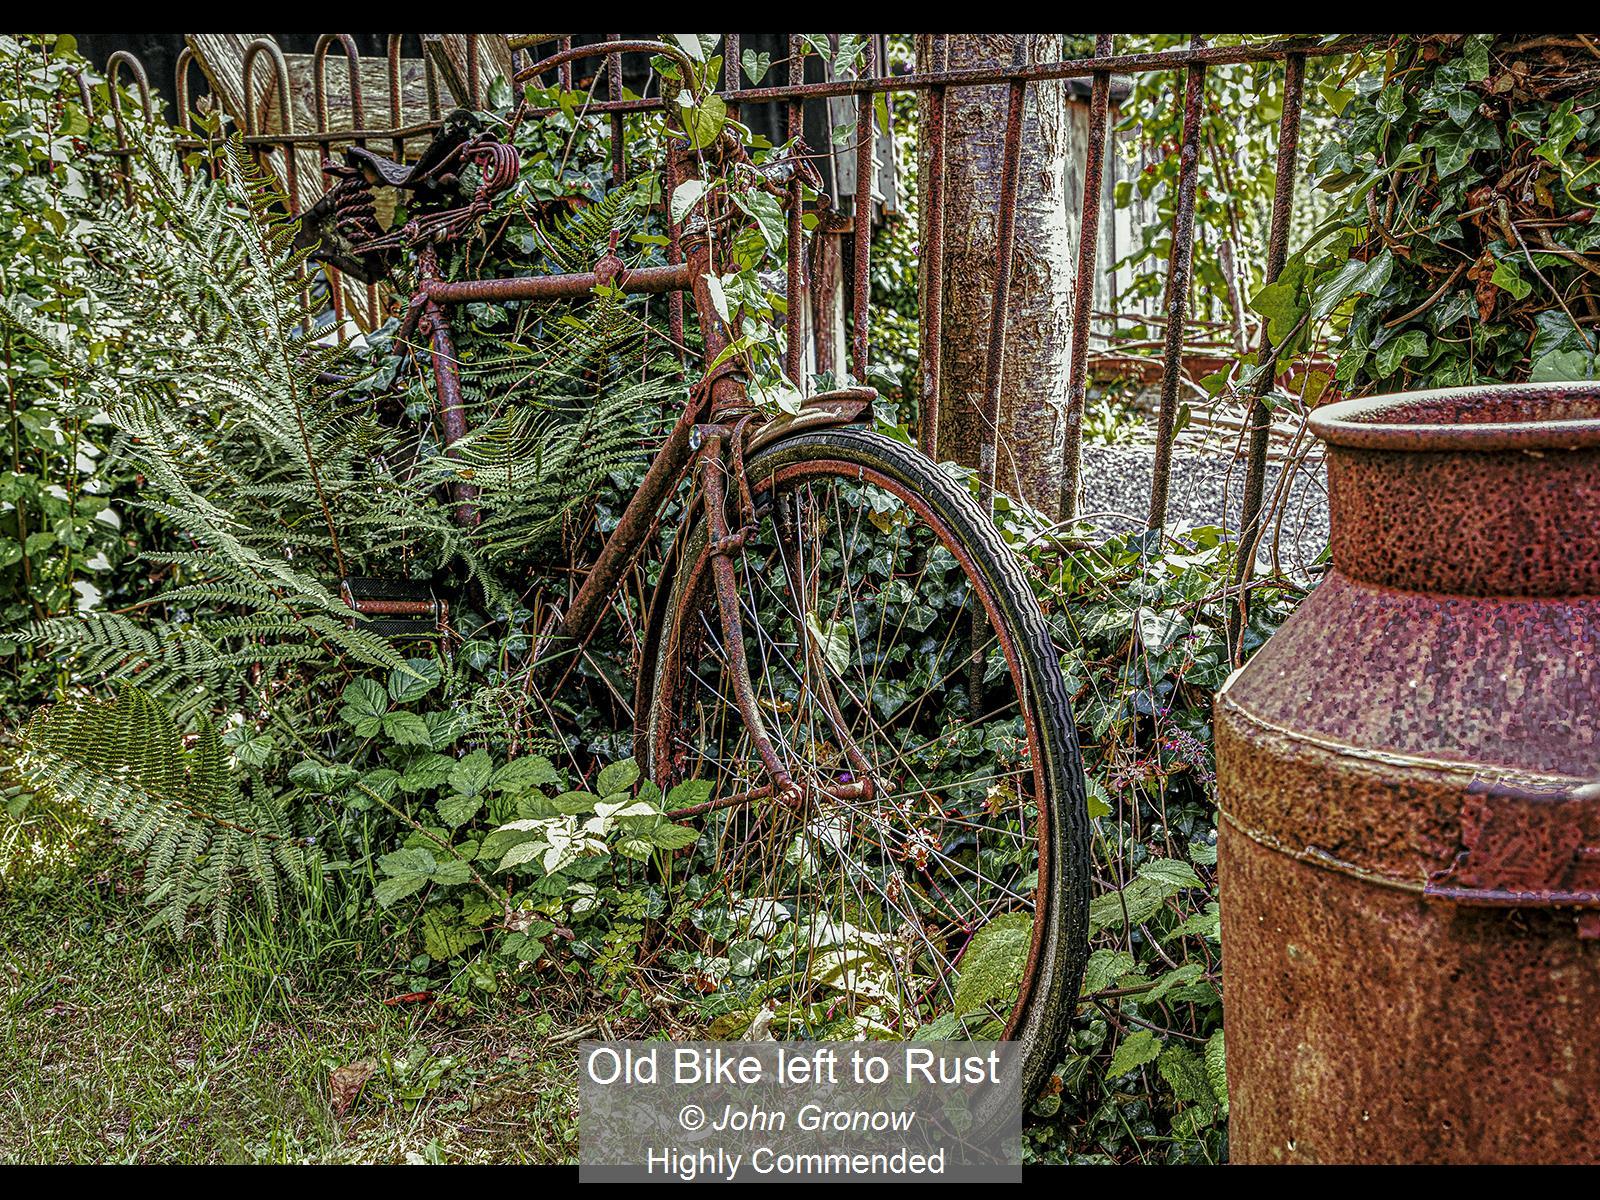 Old Bike left to Rust_John Gronow_HComm.